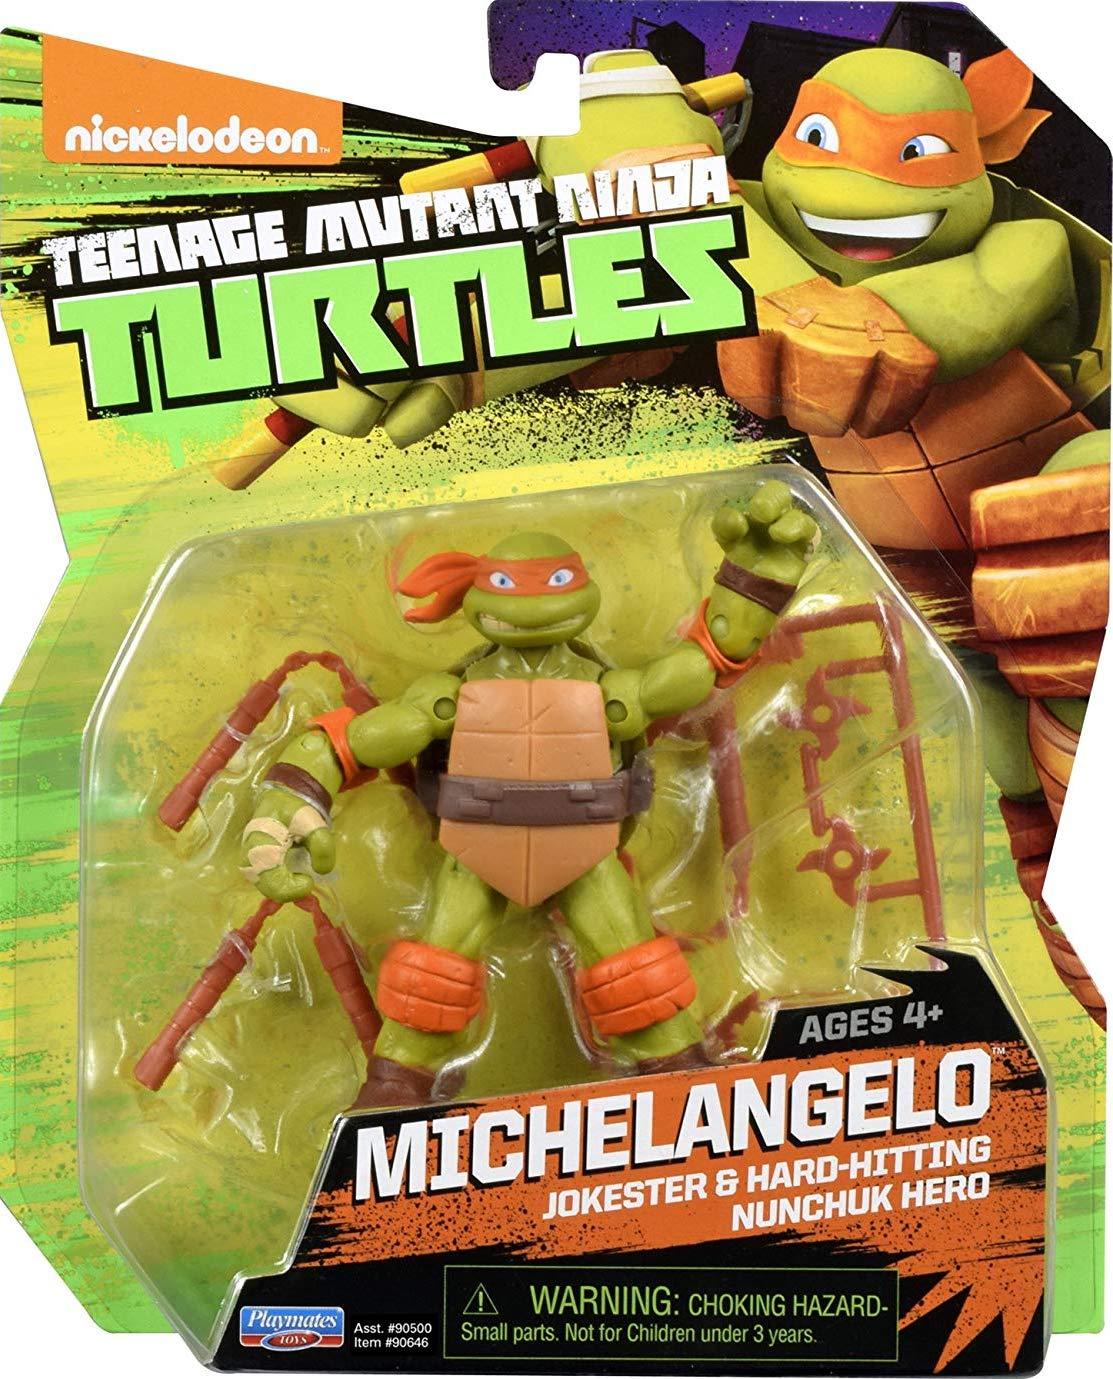 Michelangelo (2015 action figure)